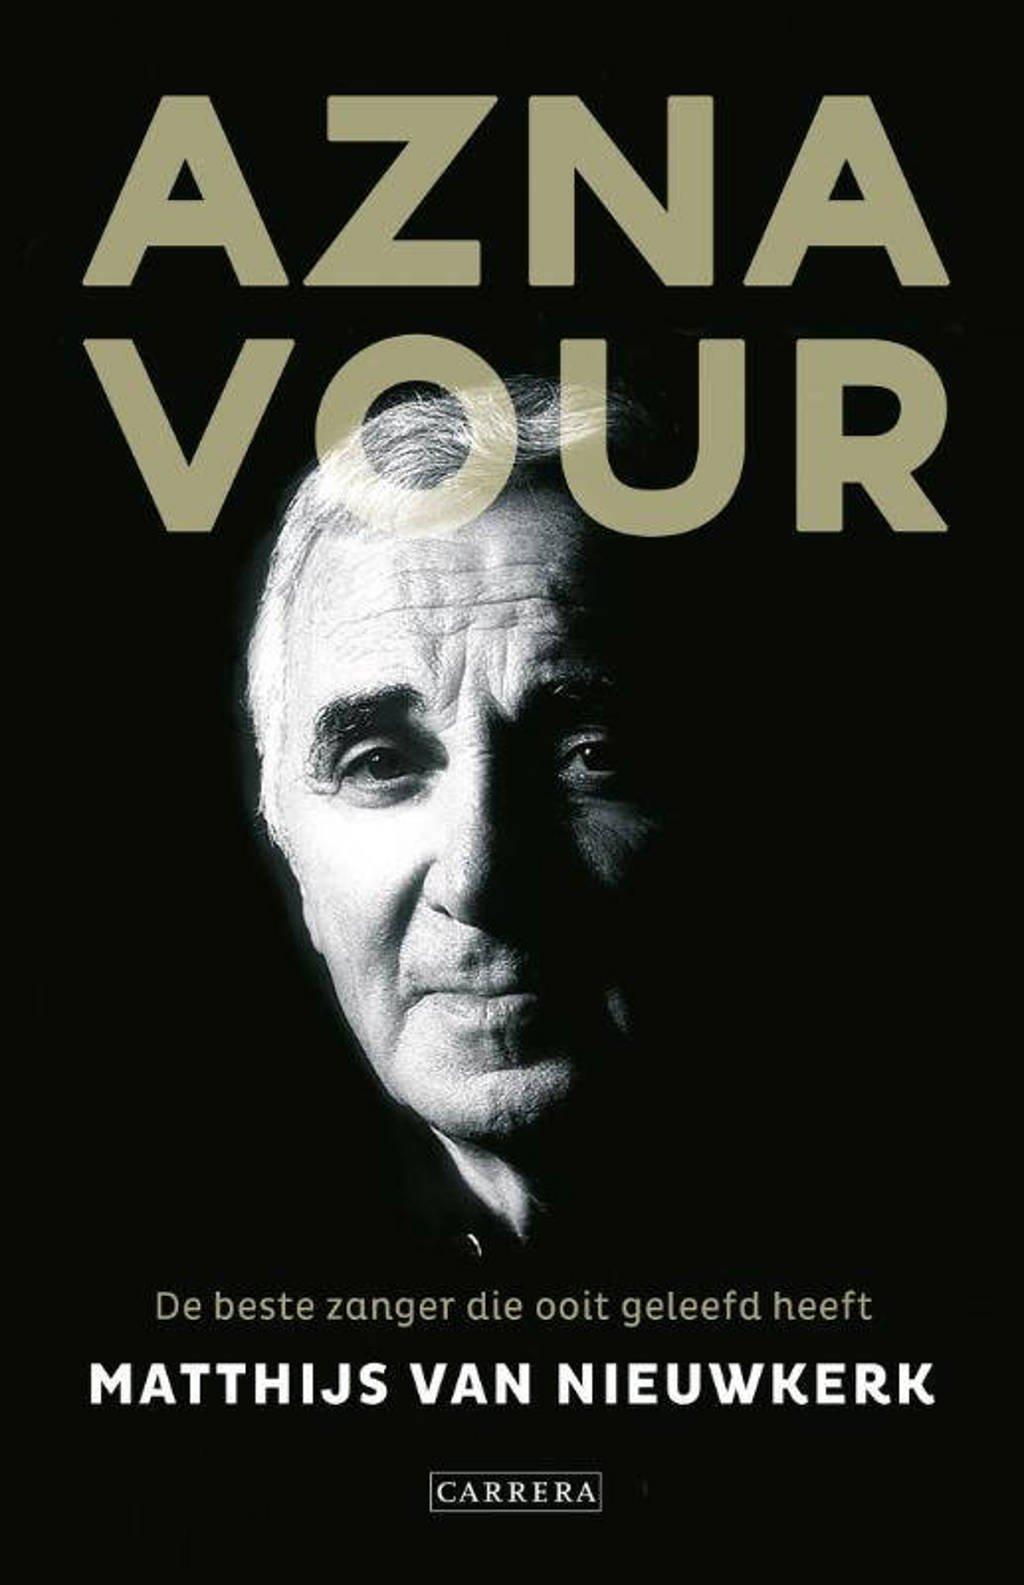 Arcade Muziekreeks: Aznavour, de beste zanger die ooit geleefd heeft - Matthijs van Nieuwkerk